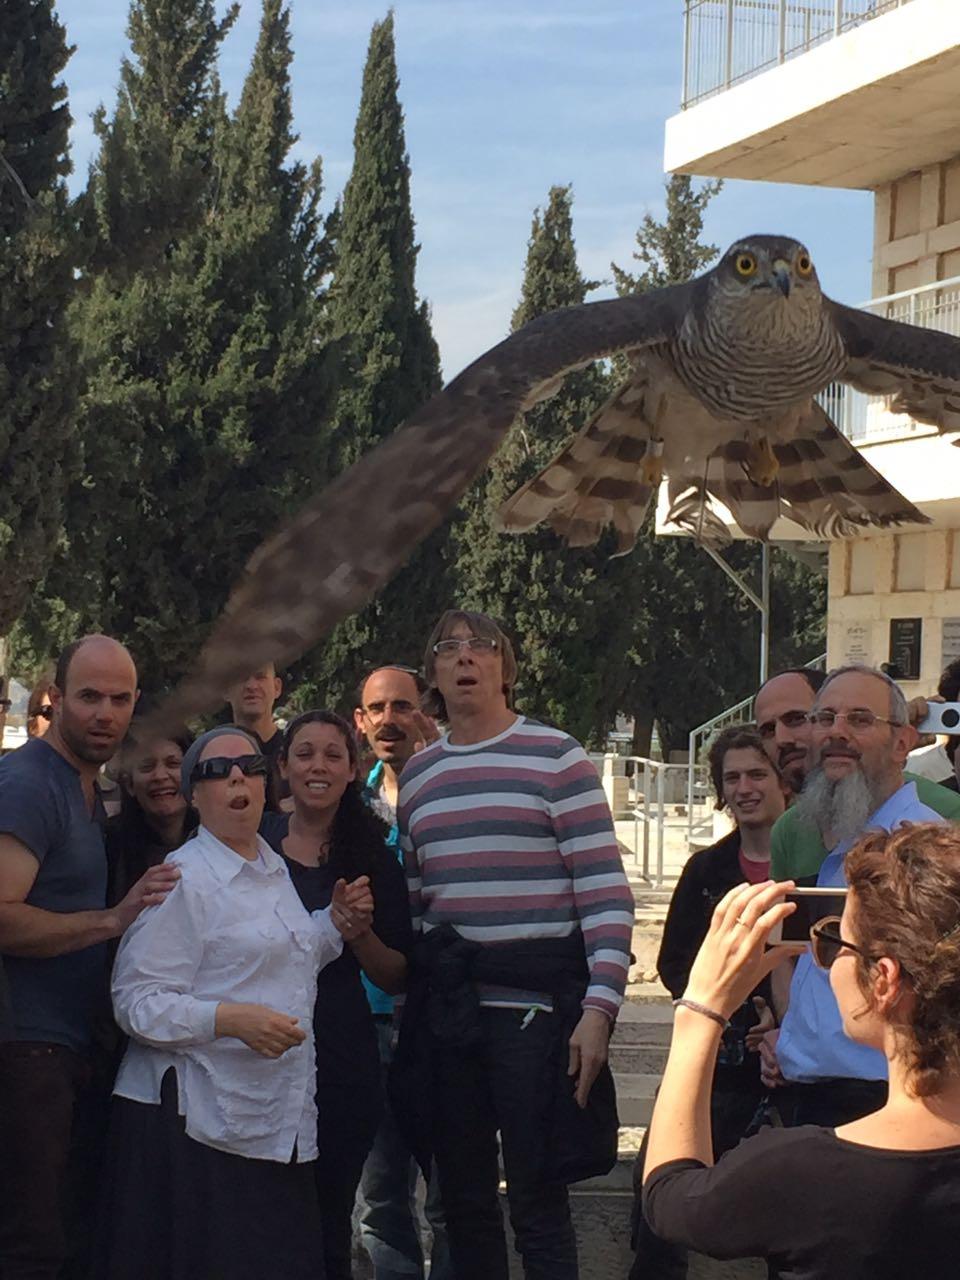 נץ מצוי ששוקם על ידי שמוליק לנדאו מושב בטבע בבית העלמין בירושלים (צילום: לימור קטן פרידמן)